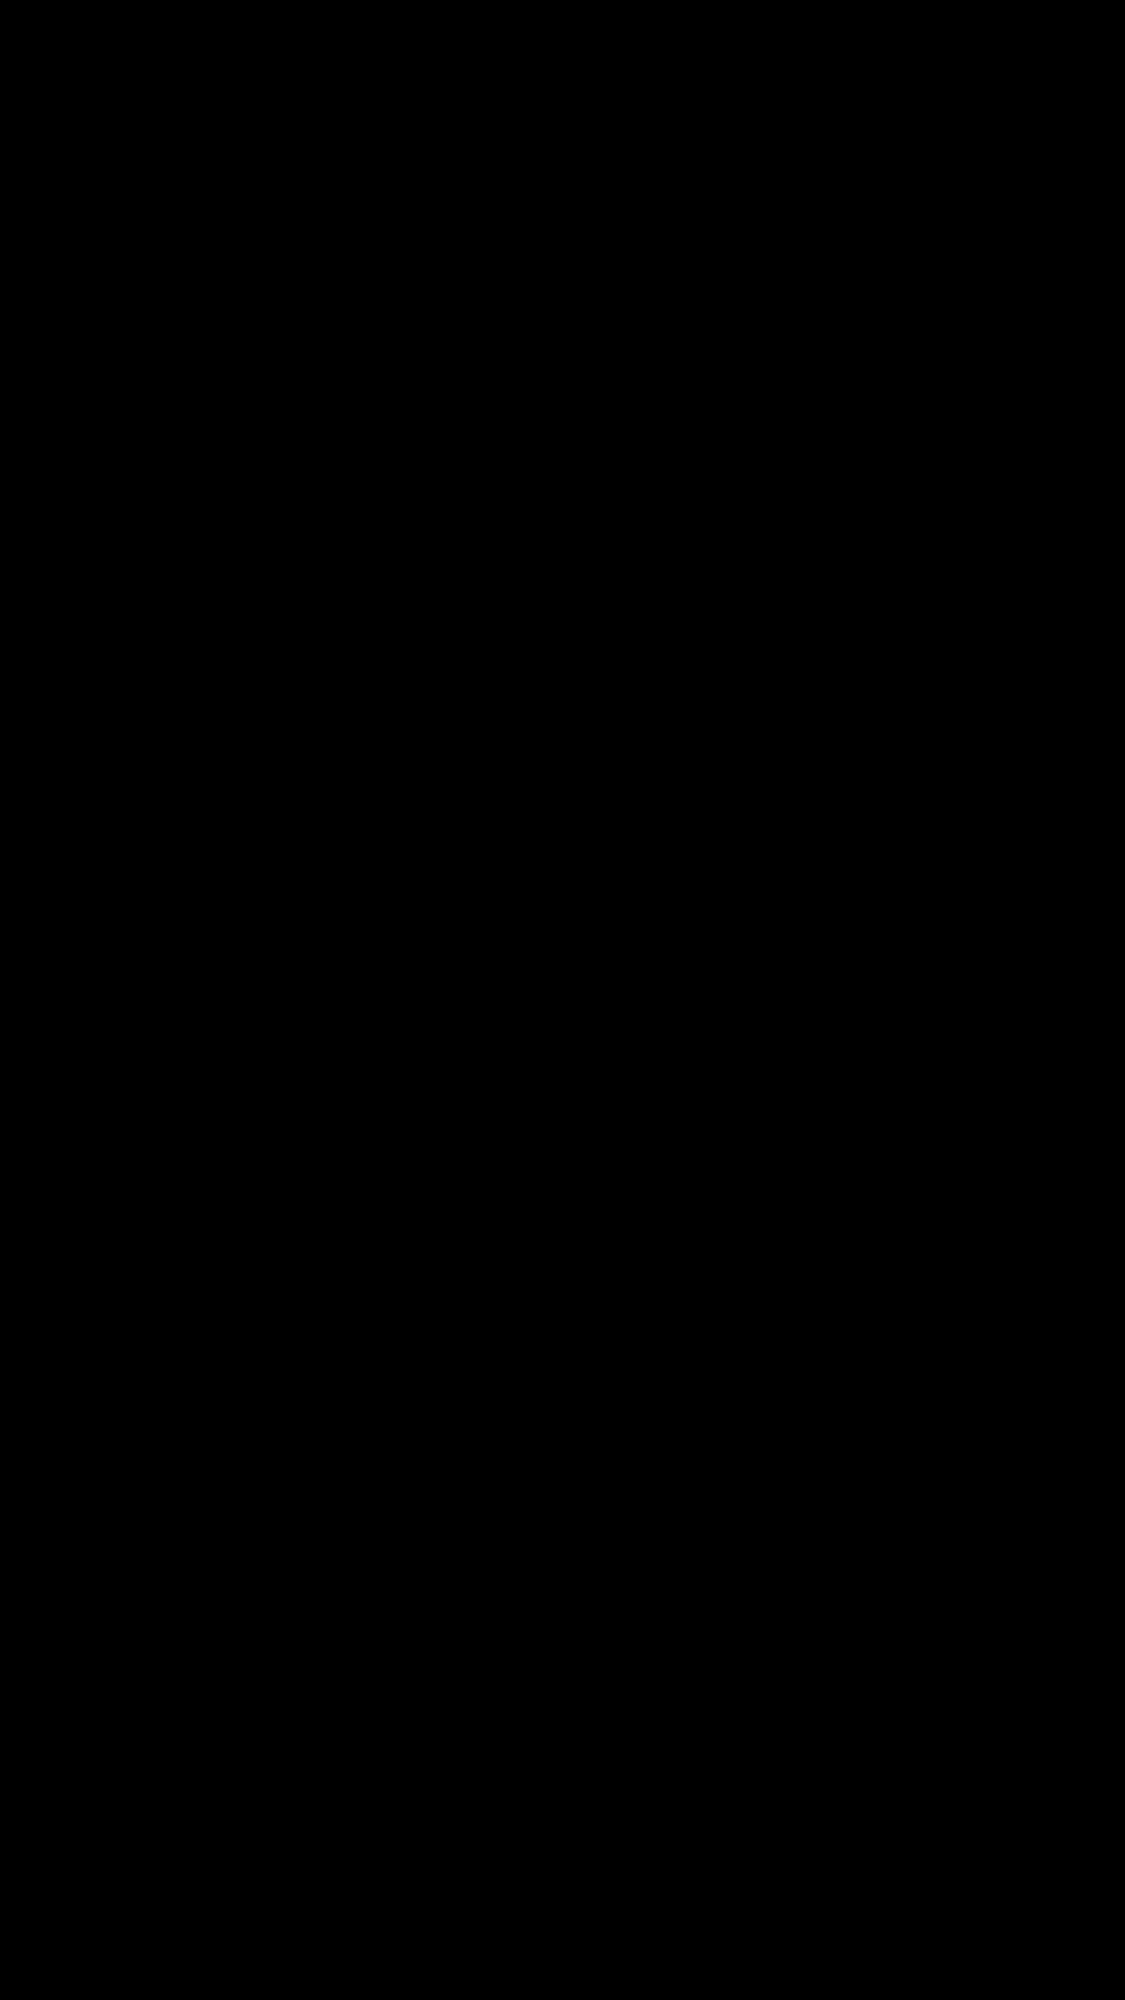 8A659FCD-22BD-4797-AD2F-925994D6A047